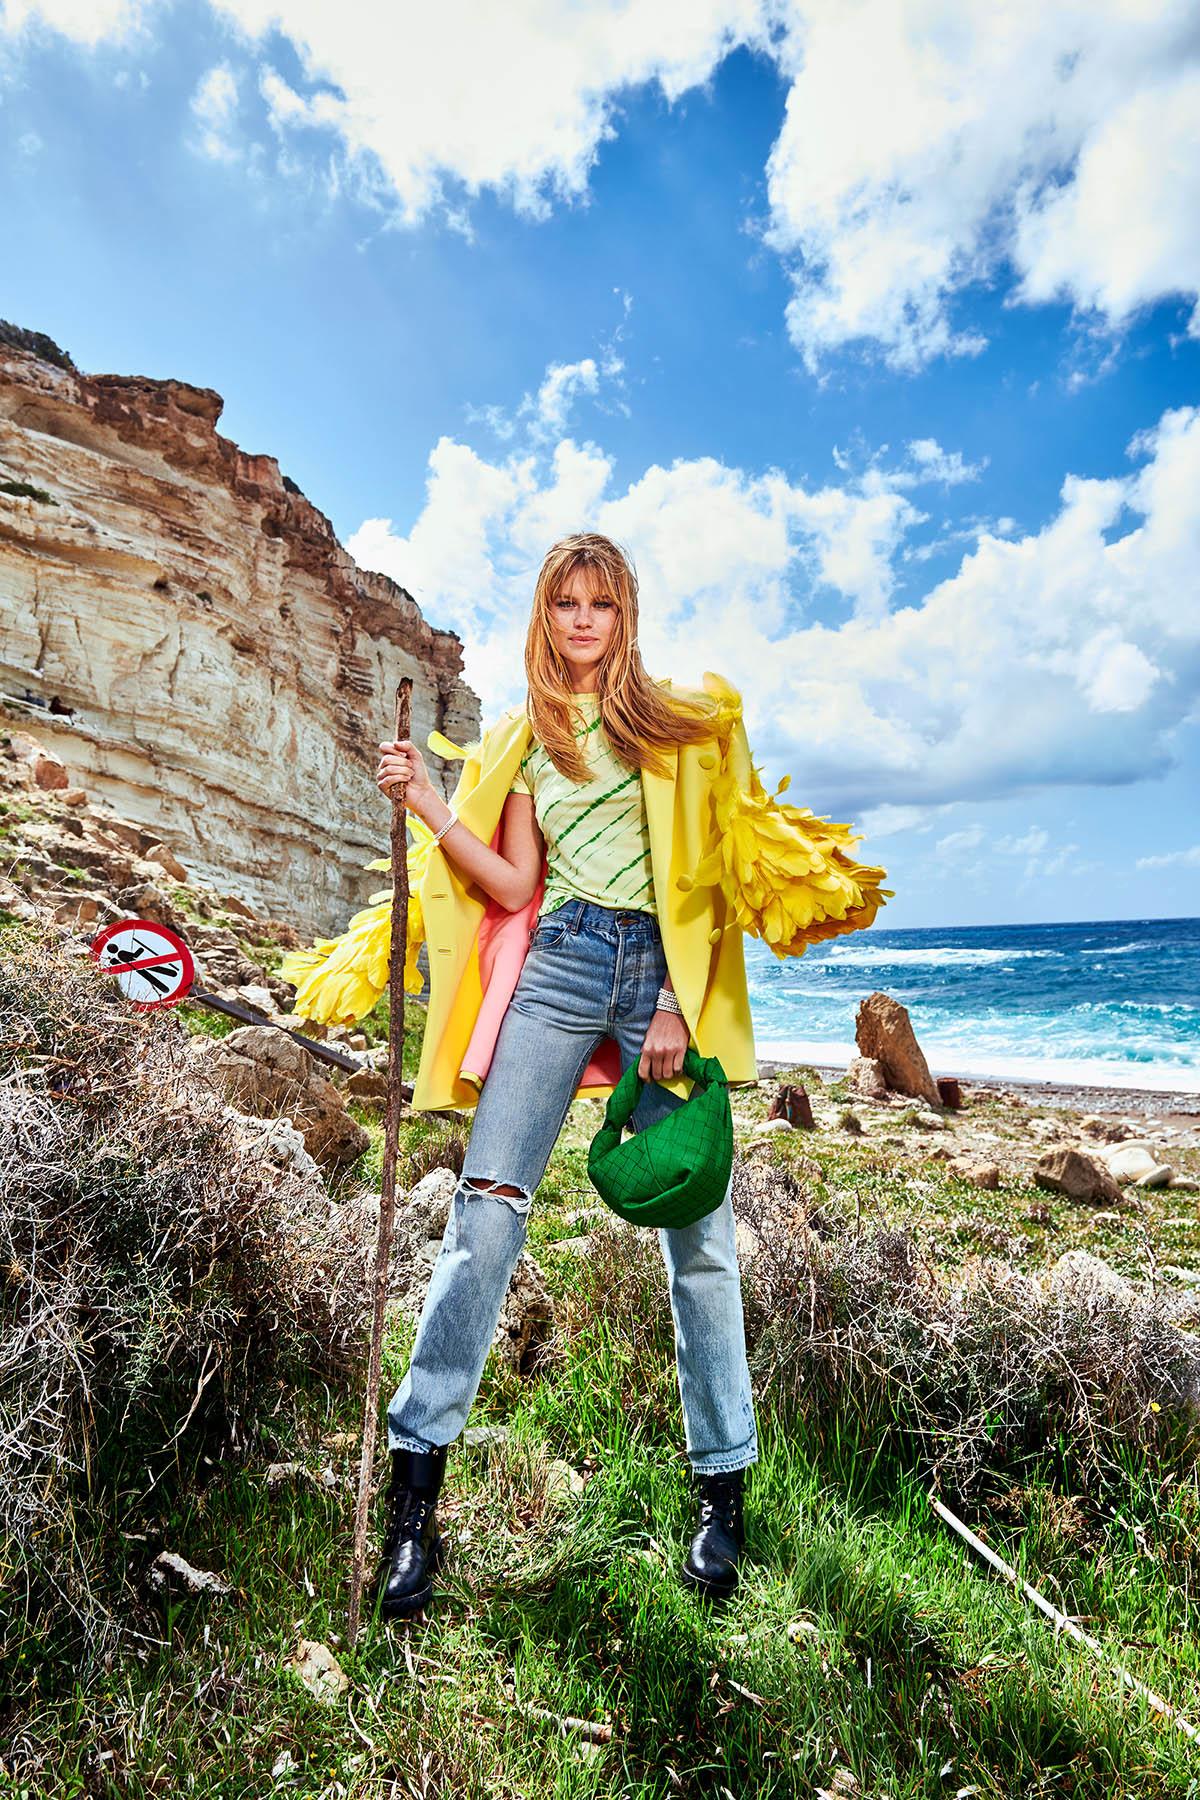 Nadine Leopold by Stefan Imielski for Vogue Portugal April 2021